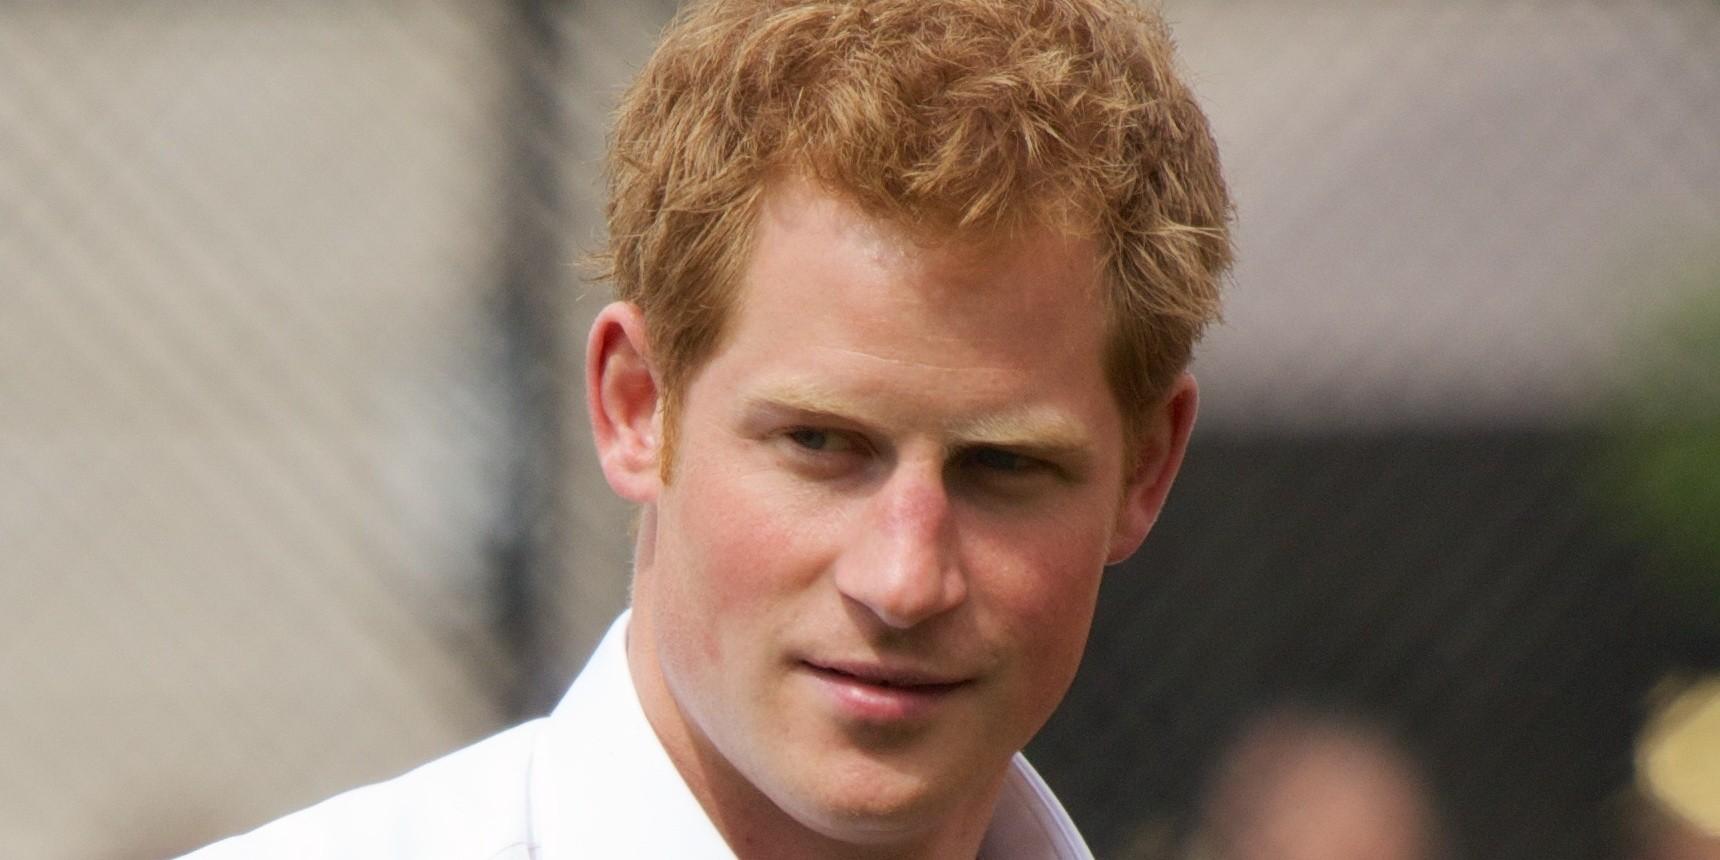 Принц Гарри удивил гостей супермаркета своим возникновением